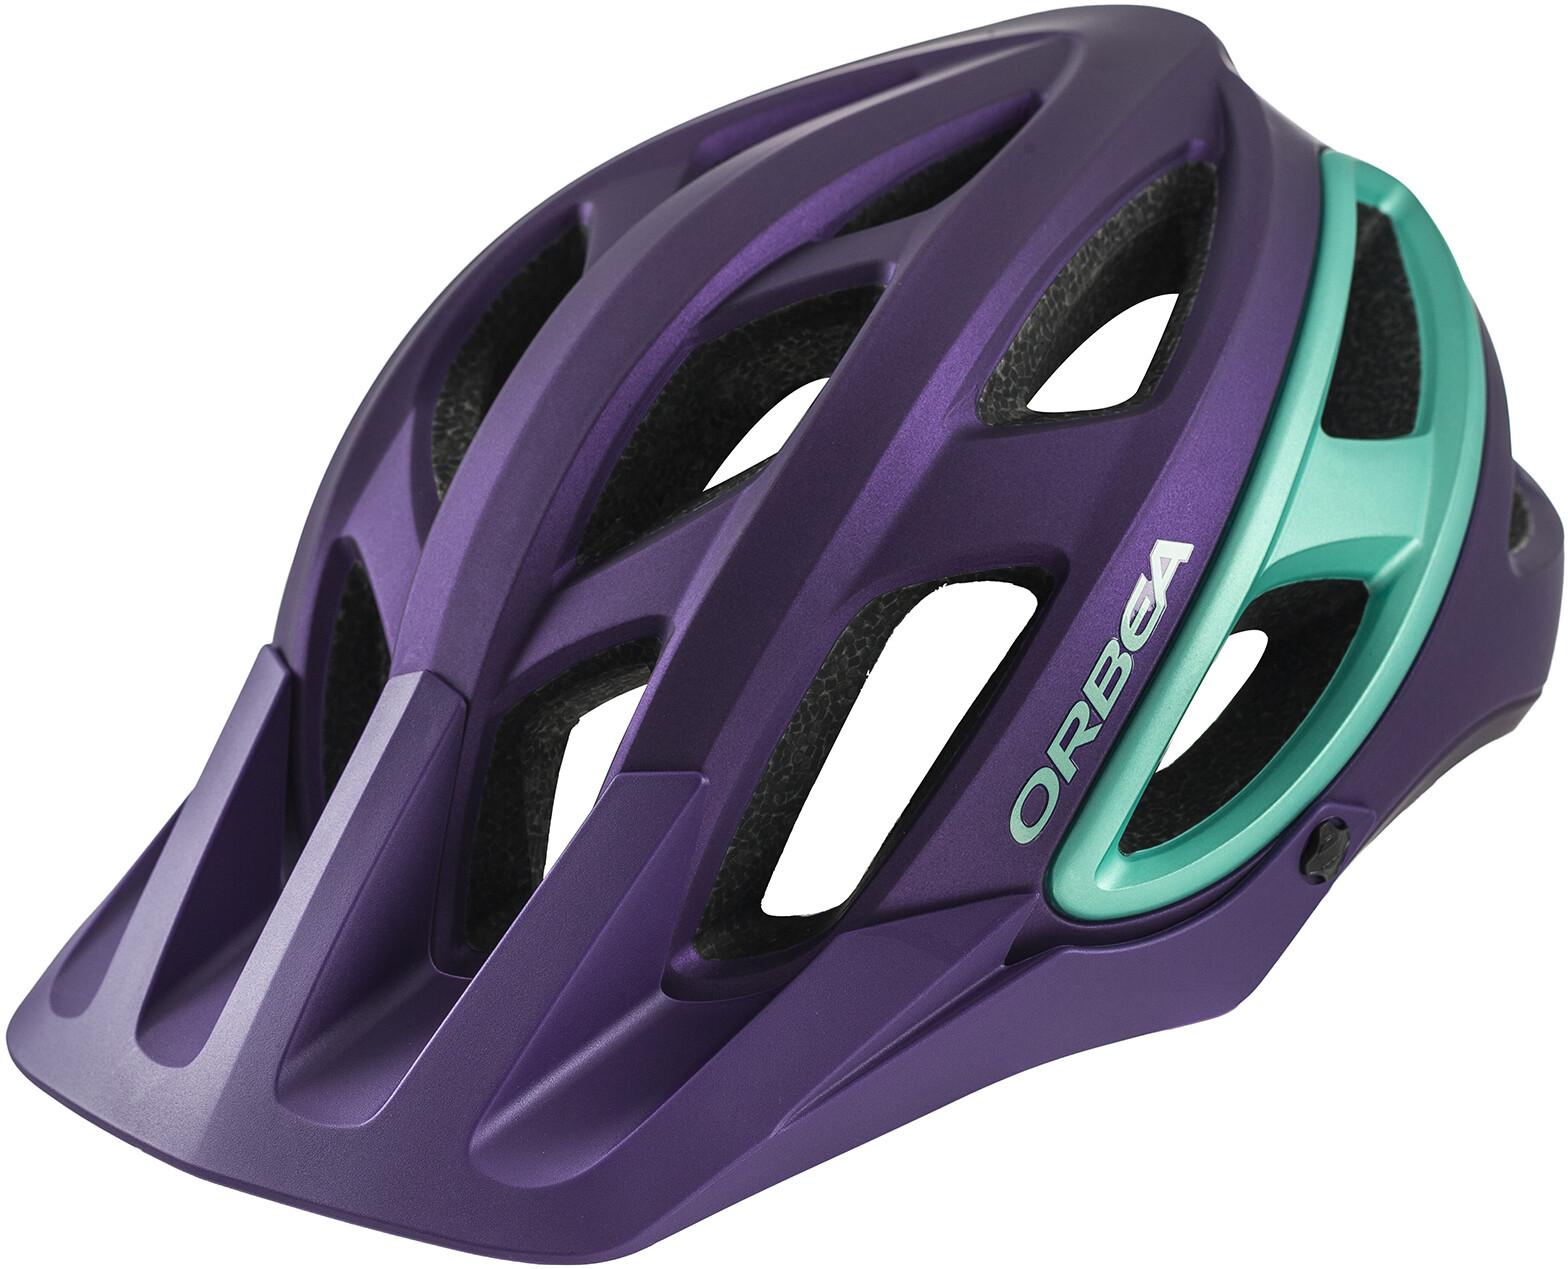 ORBEA M 50 Cykelhjelm, violet-jade (2019)   Helmets